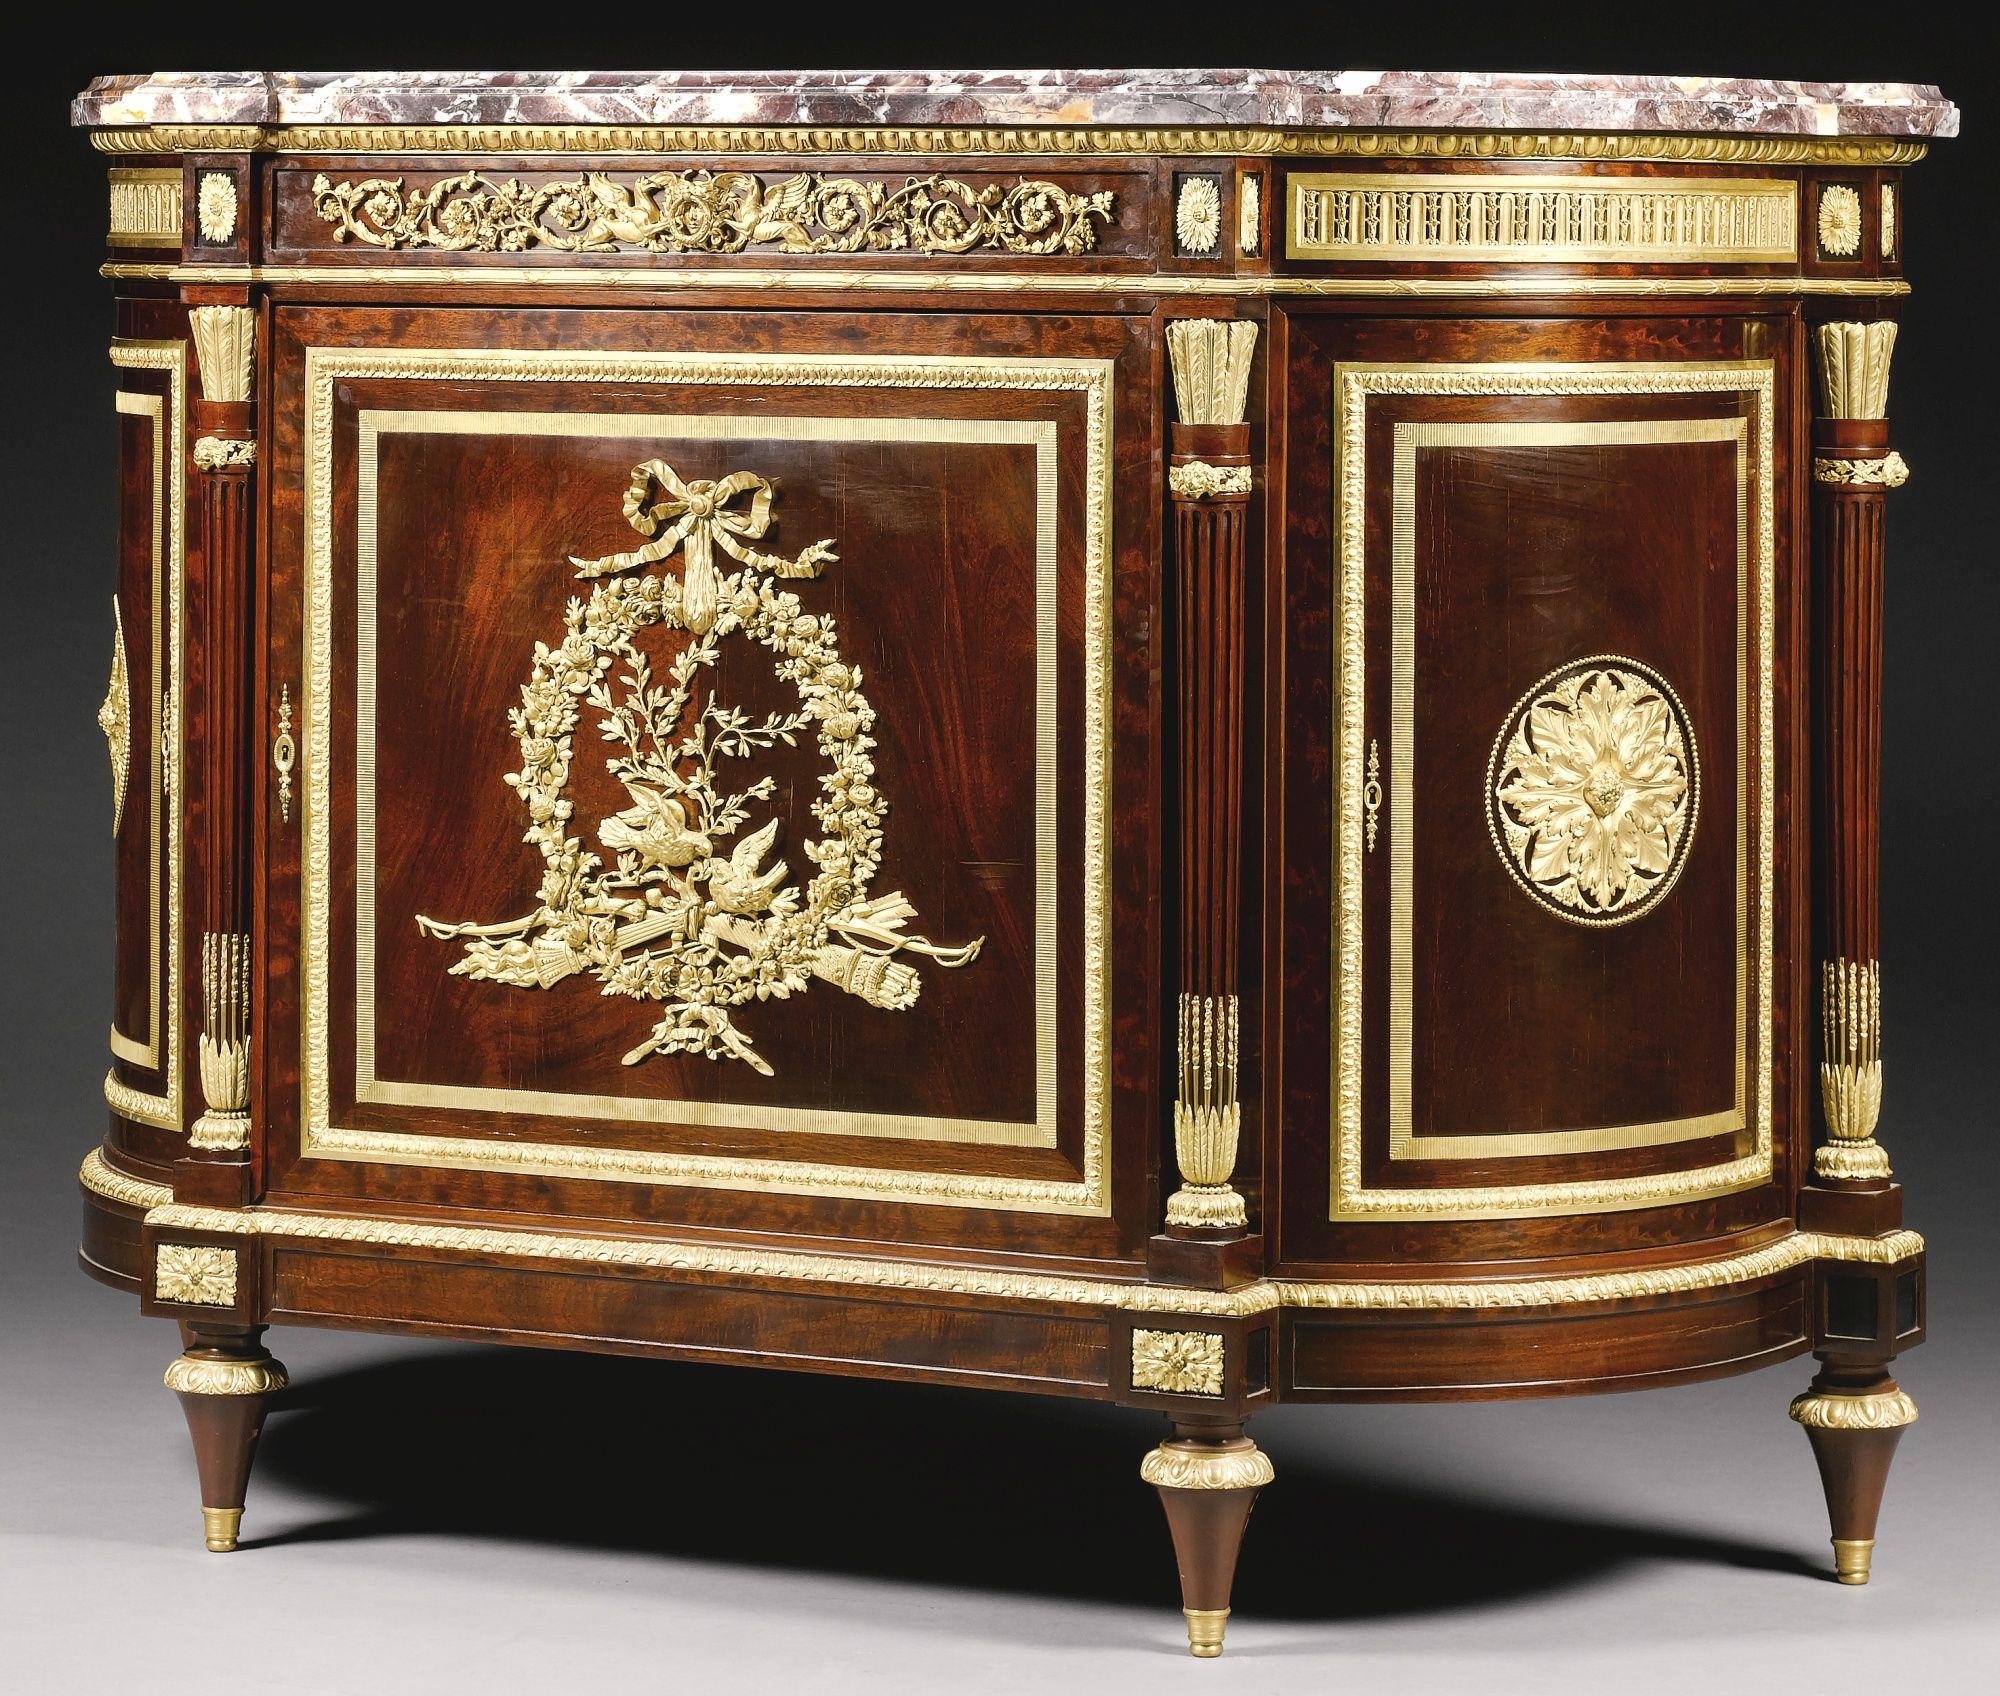 Henri Dasson 1825 - 1896 <br> Un estilo de bronce dorado Louis XVI montado caoba meuble à hauteur d'appui, París, último cuarto del siglo 19 | Terreno | Sotheby